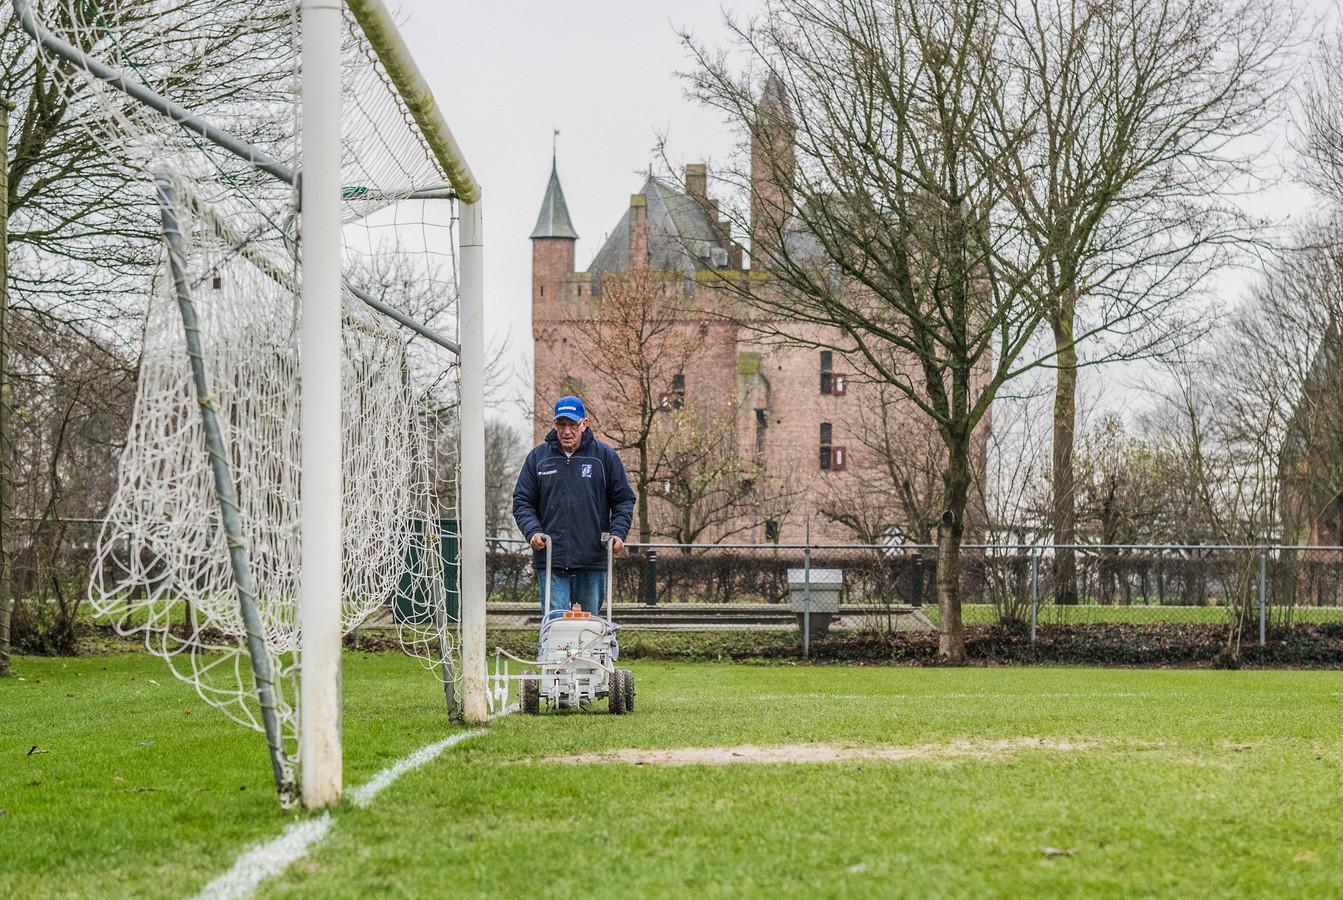 Voetbalclub GVA opent komende zomer een multifunctioneel kunstgrasveld waar alle Doornenburgers kunnen sporten.